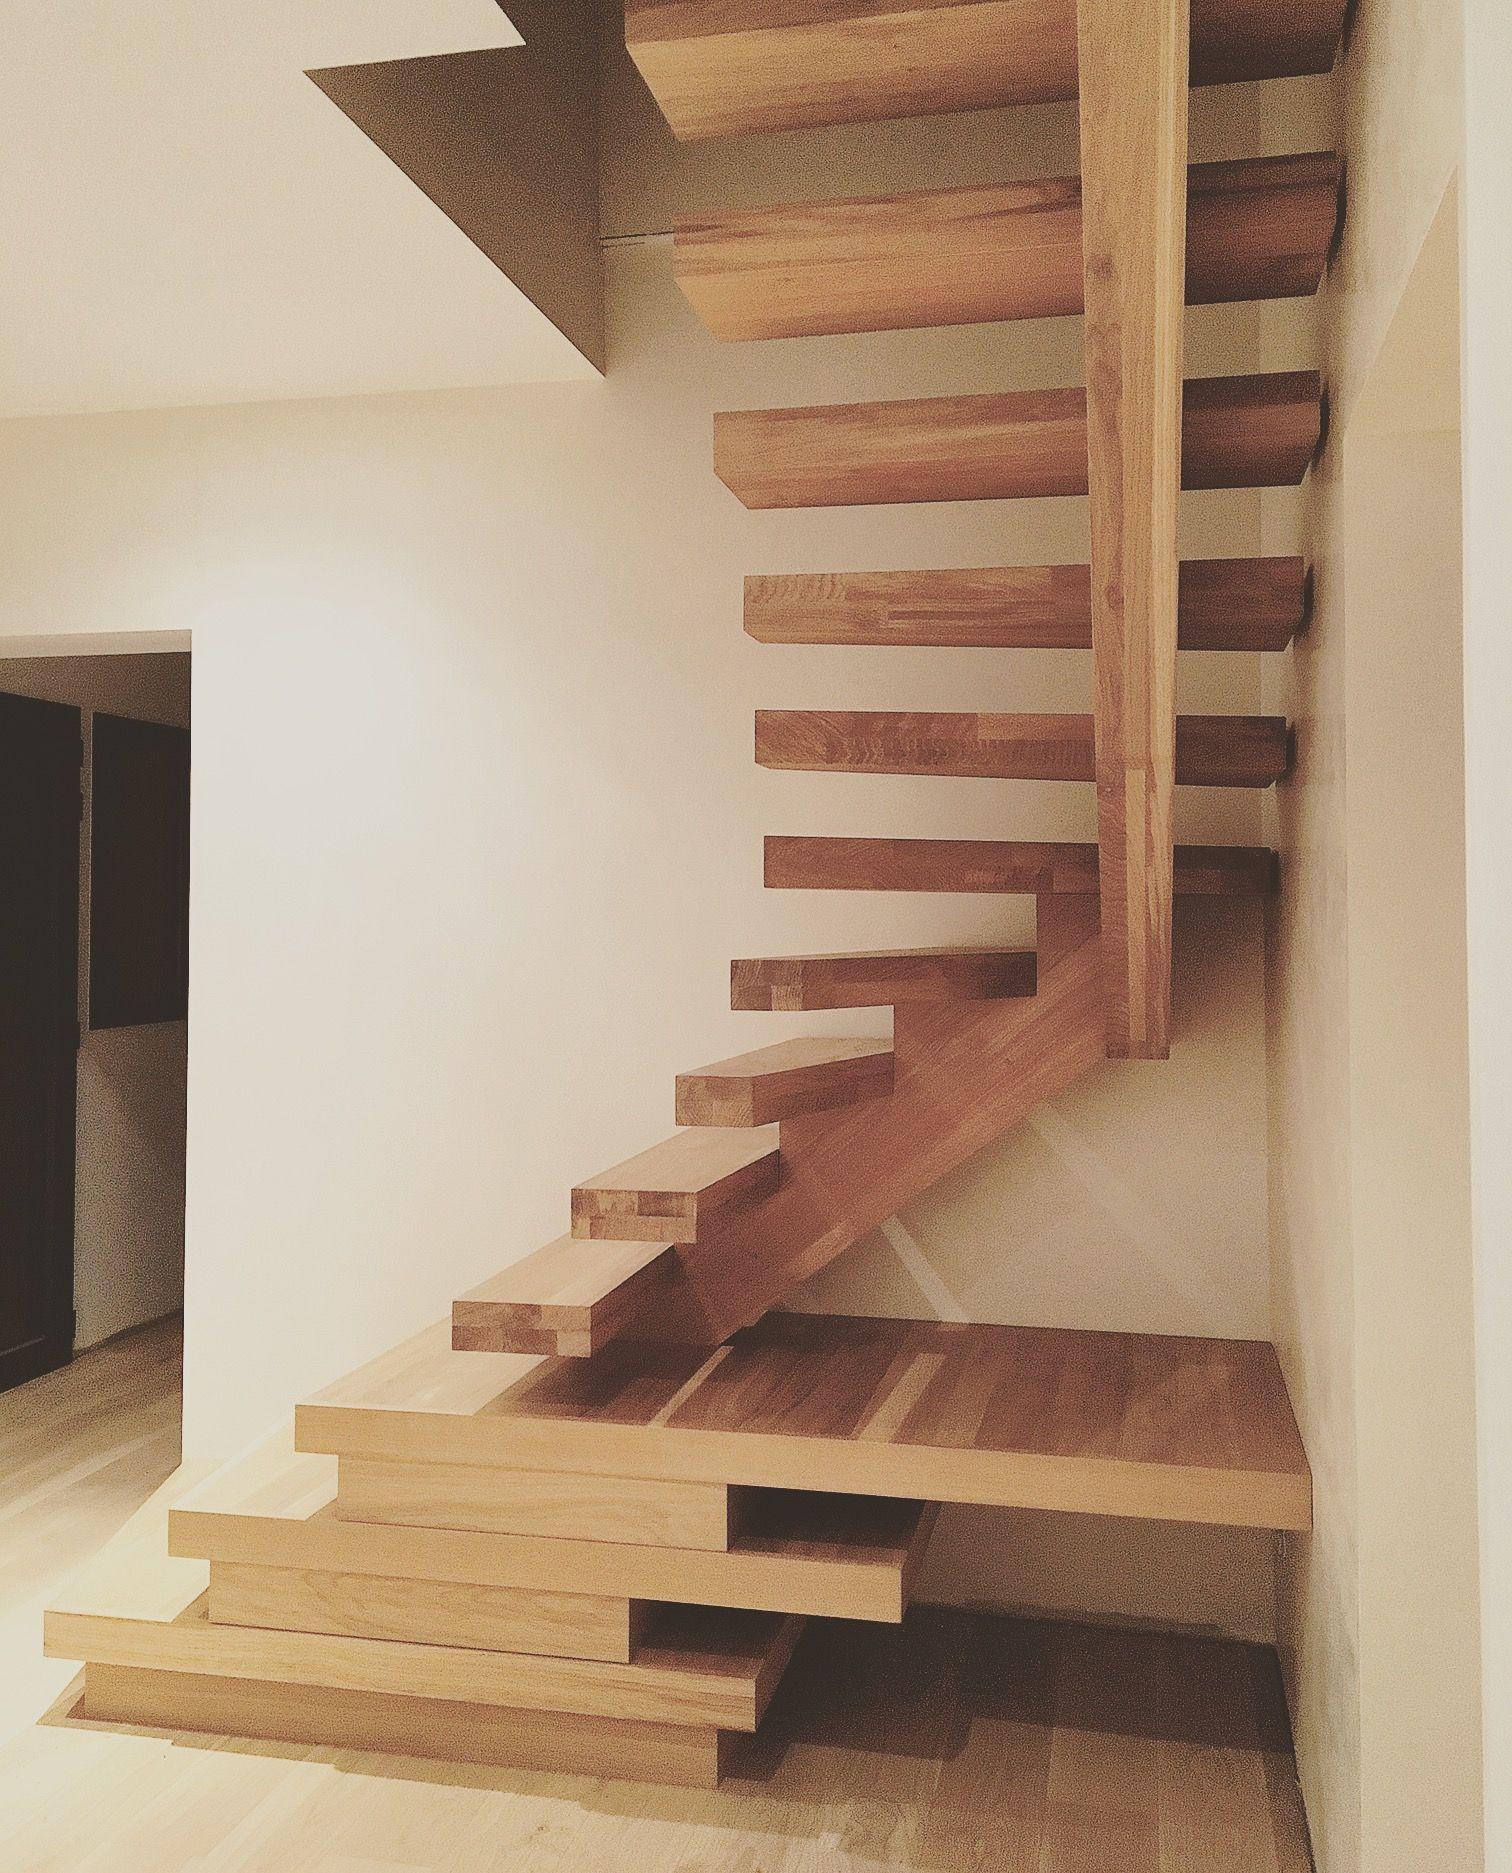 Bel escalier d\'architecte en bois massif et très original avec son ...